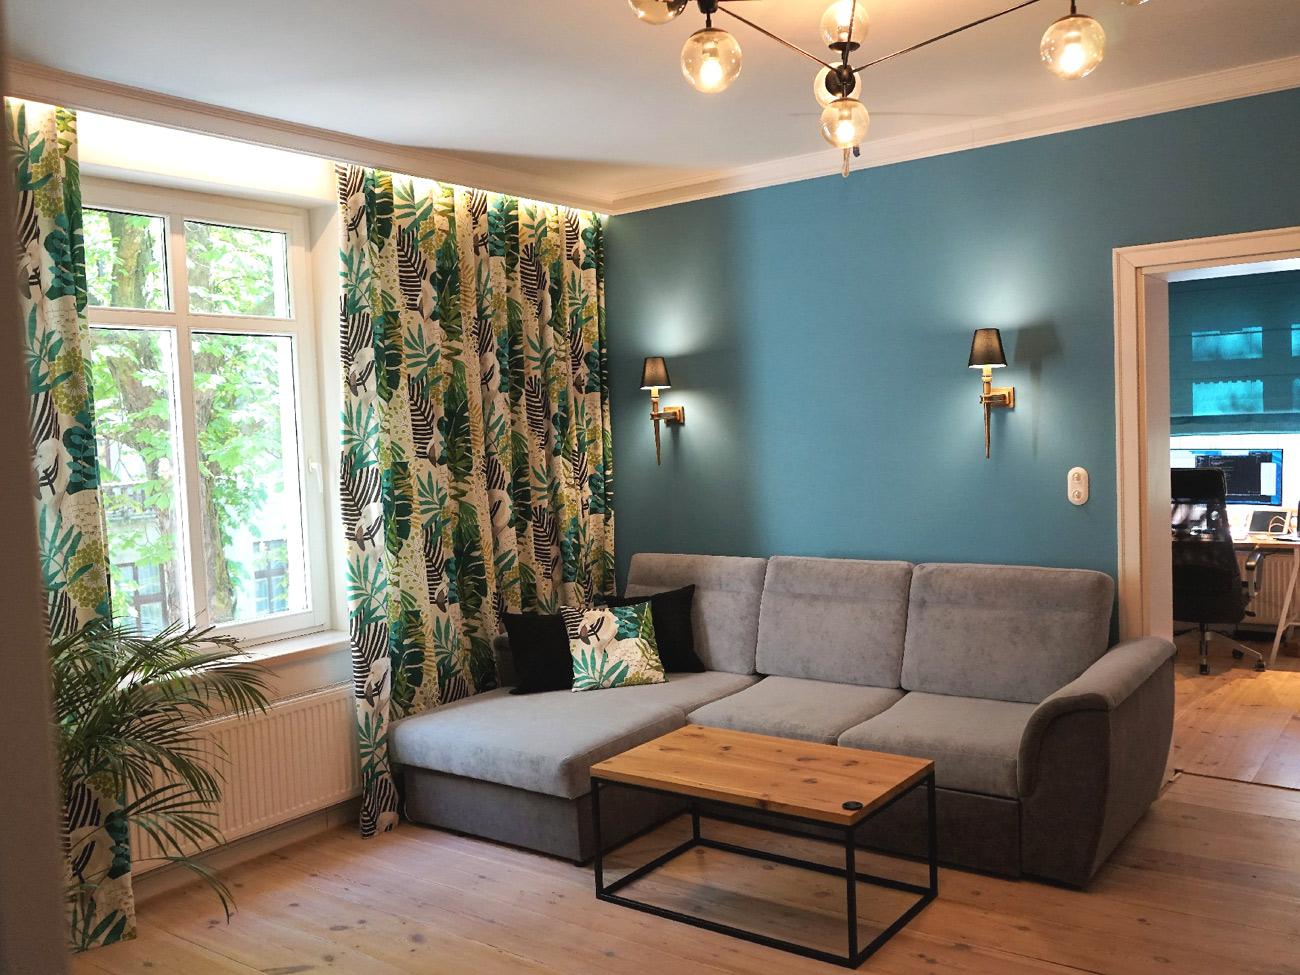 Pokój dzienny z turkusową ścianą i kolorowymi zasłonami AKMO